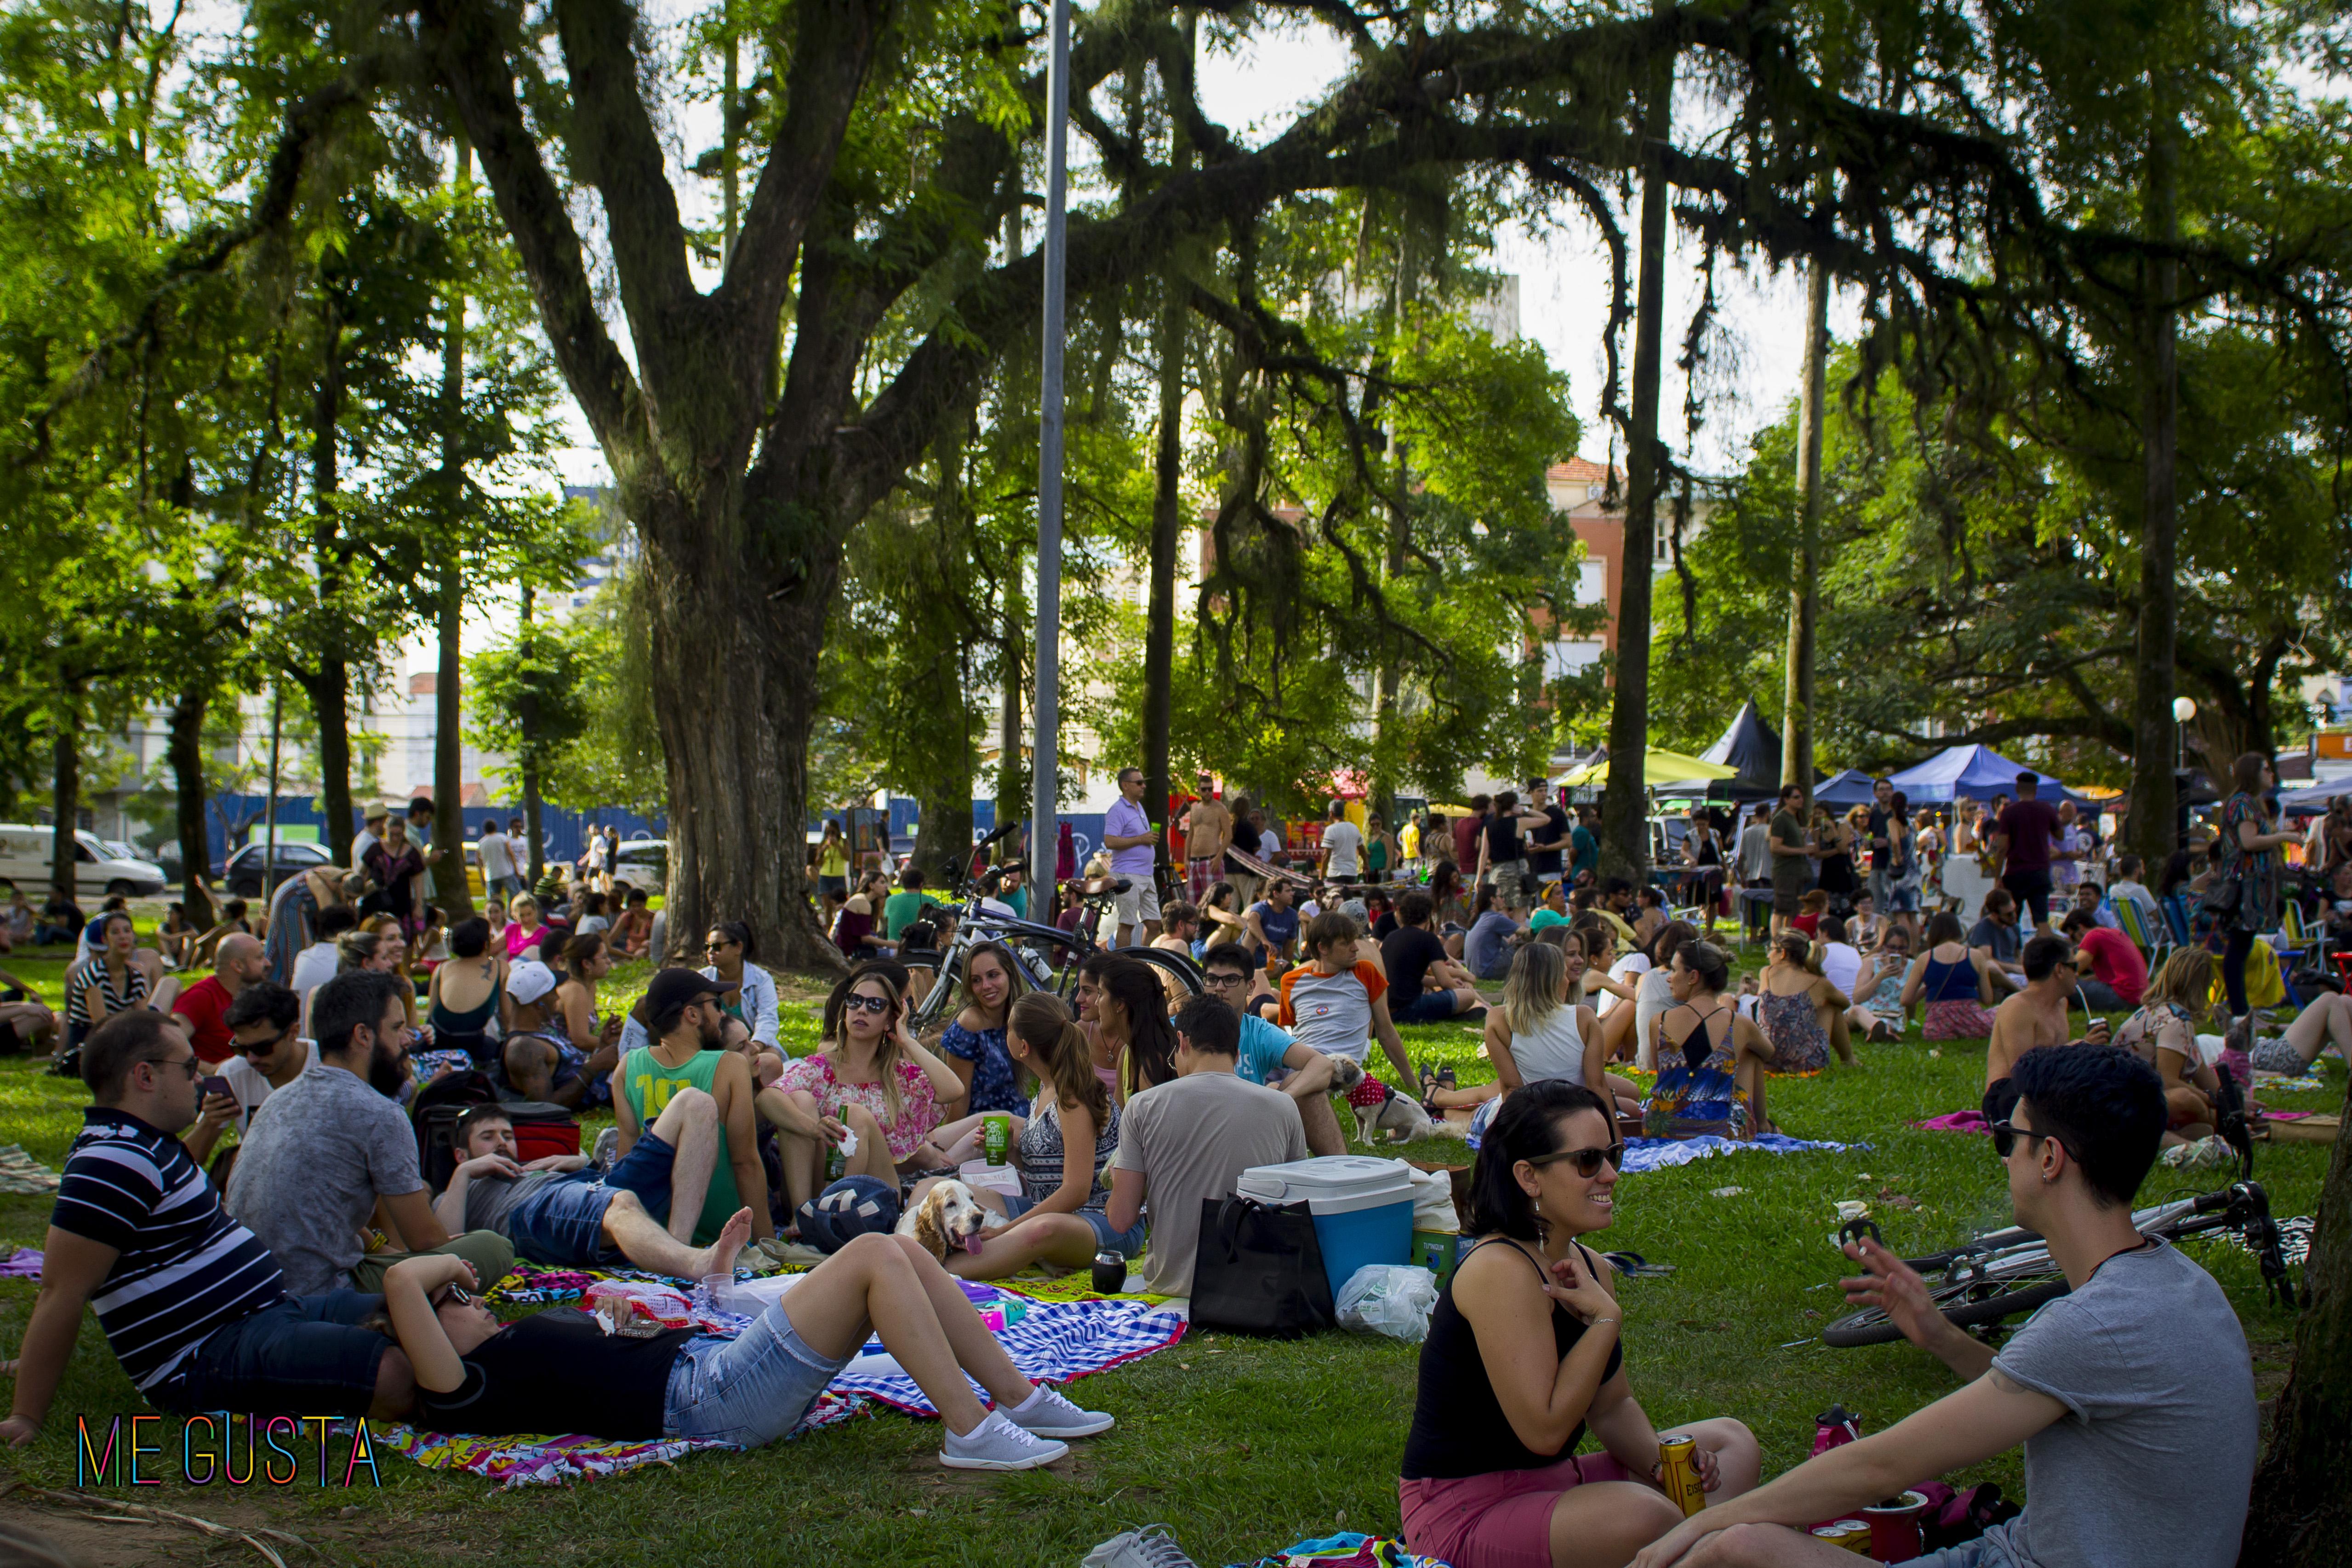 Feira cultural gaúcha em São Paulo será neste domingo